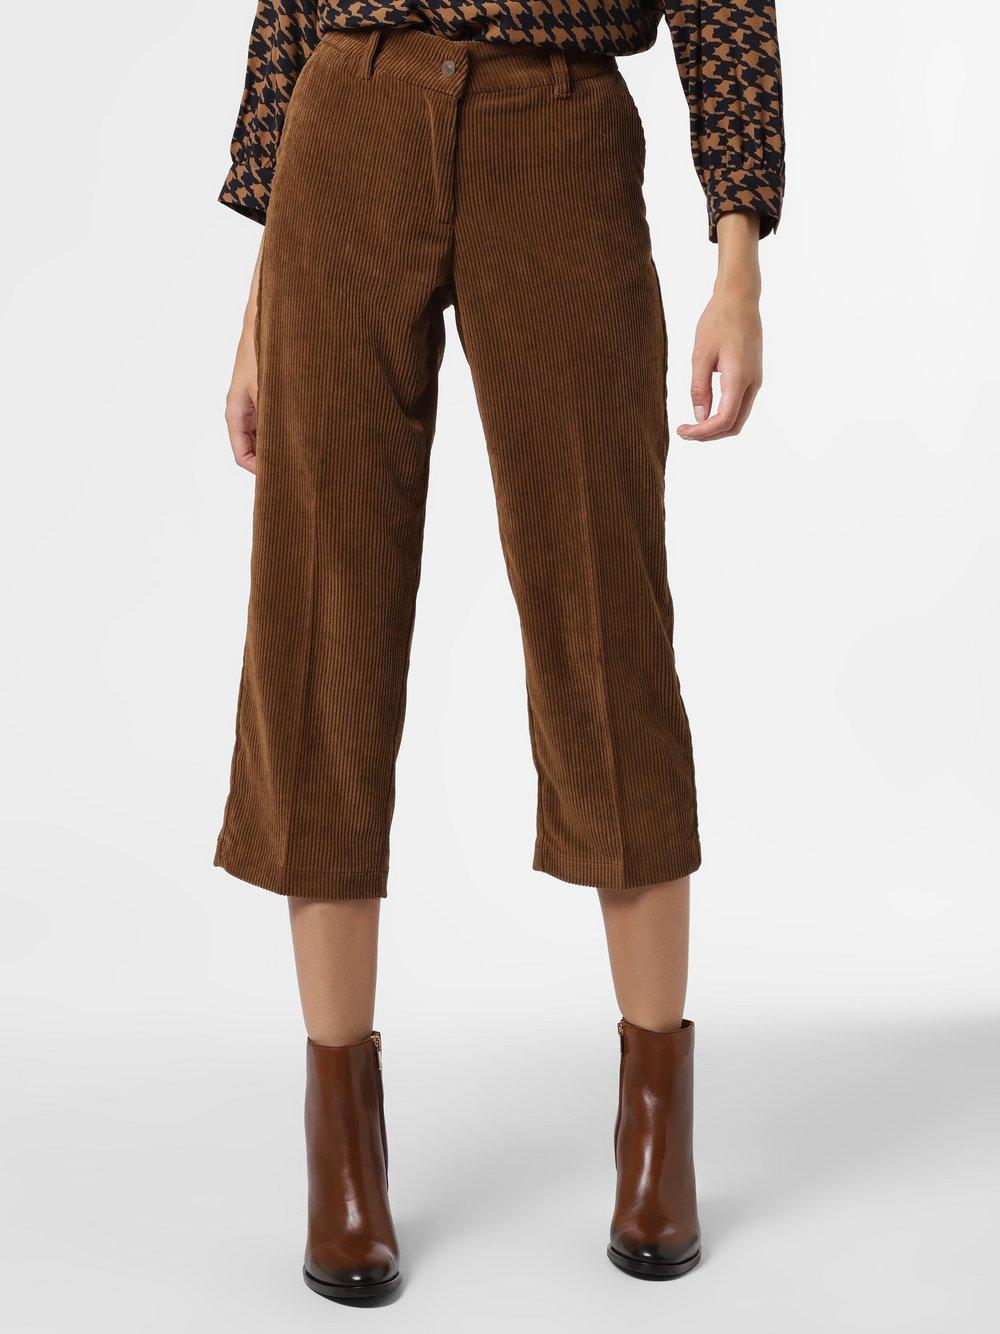 Marie Lund - Spodnie damskie, brązowy